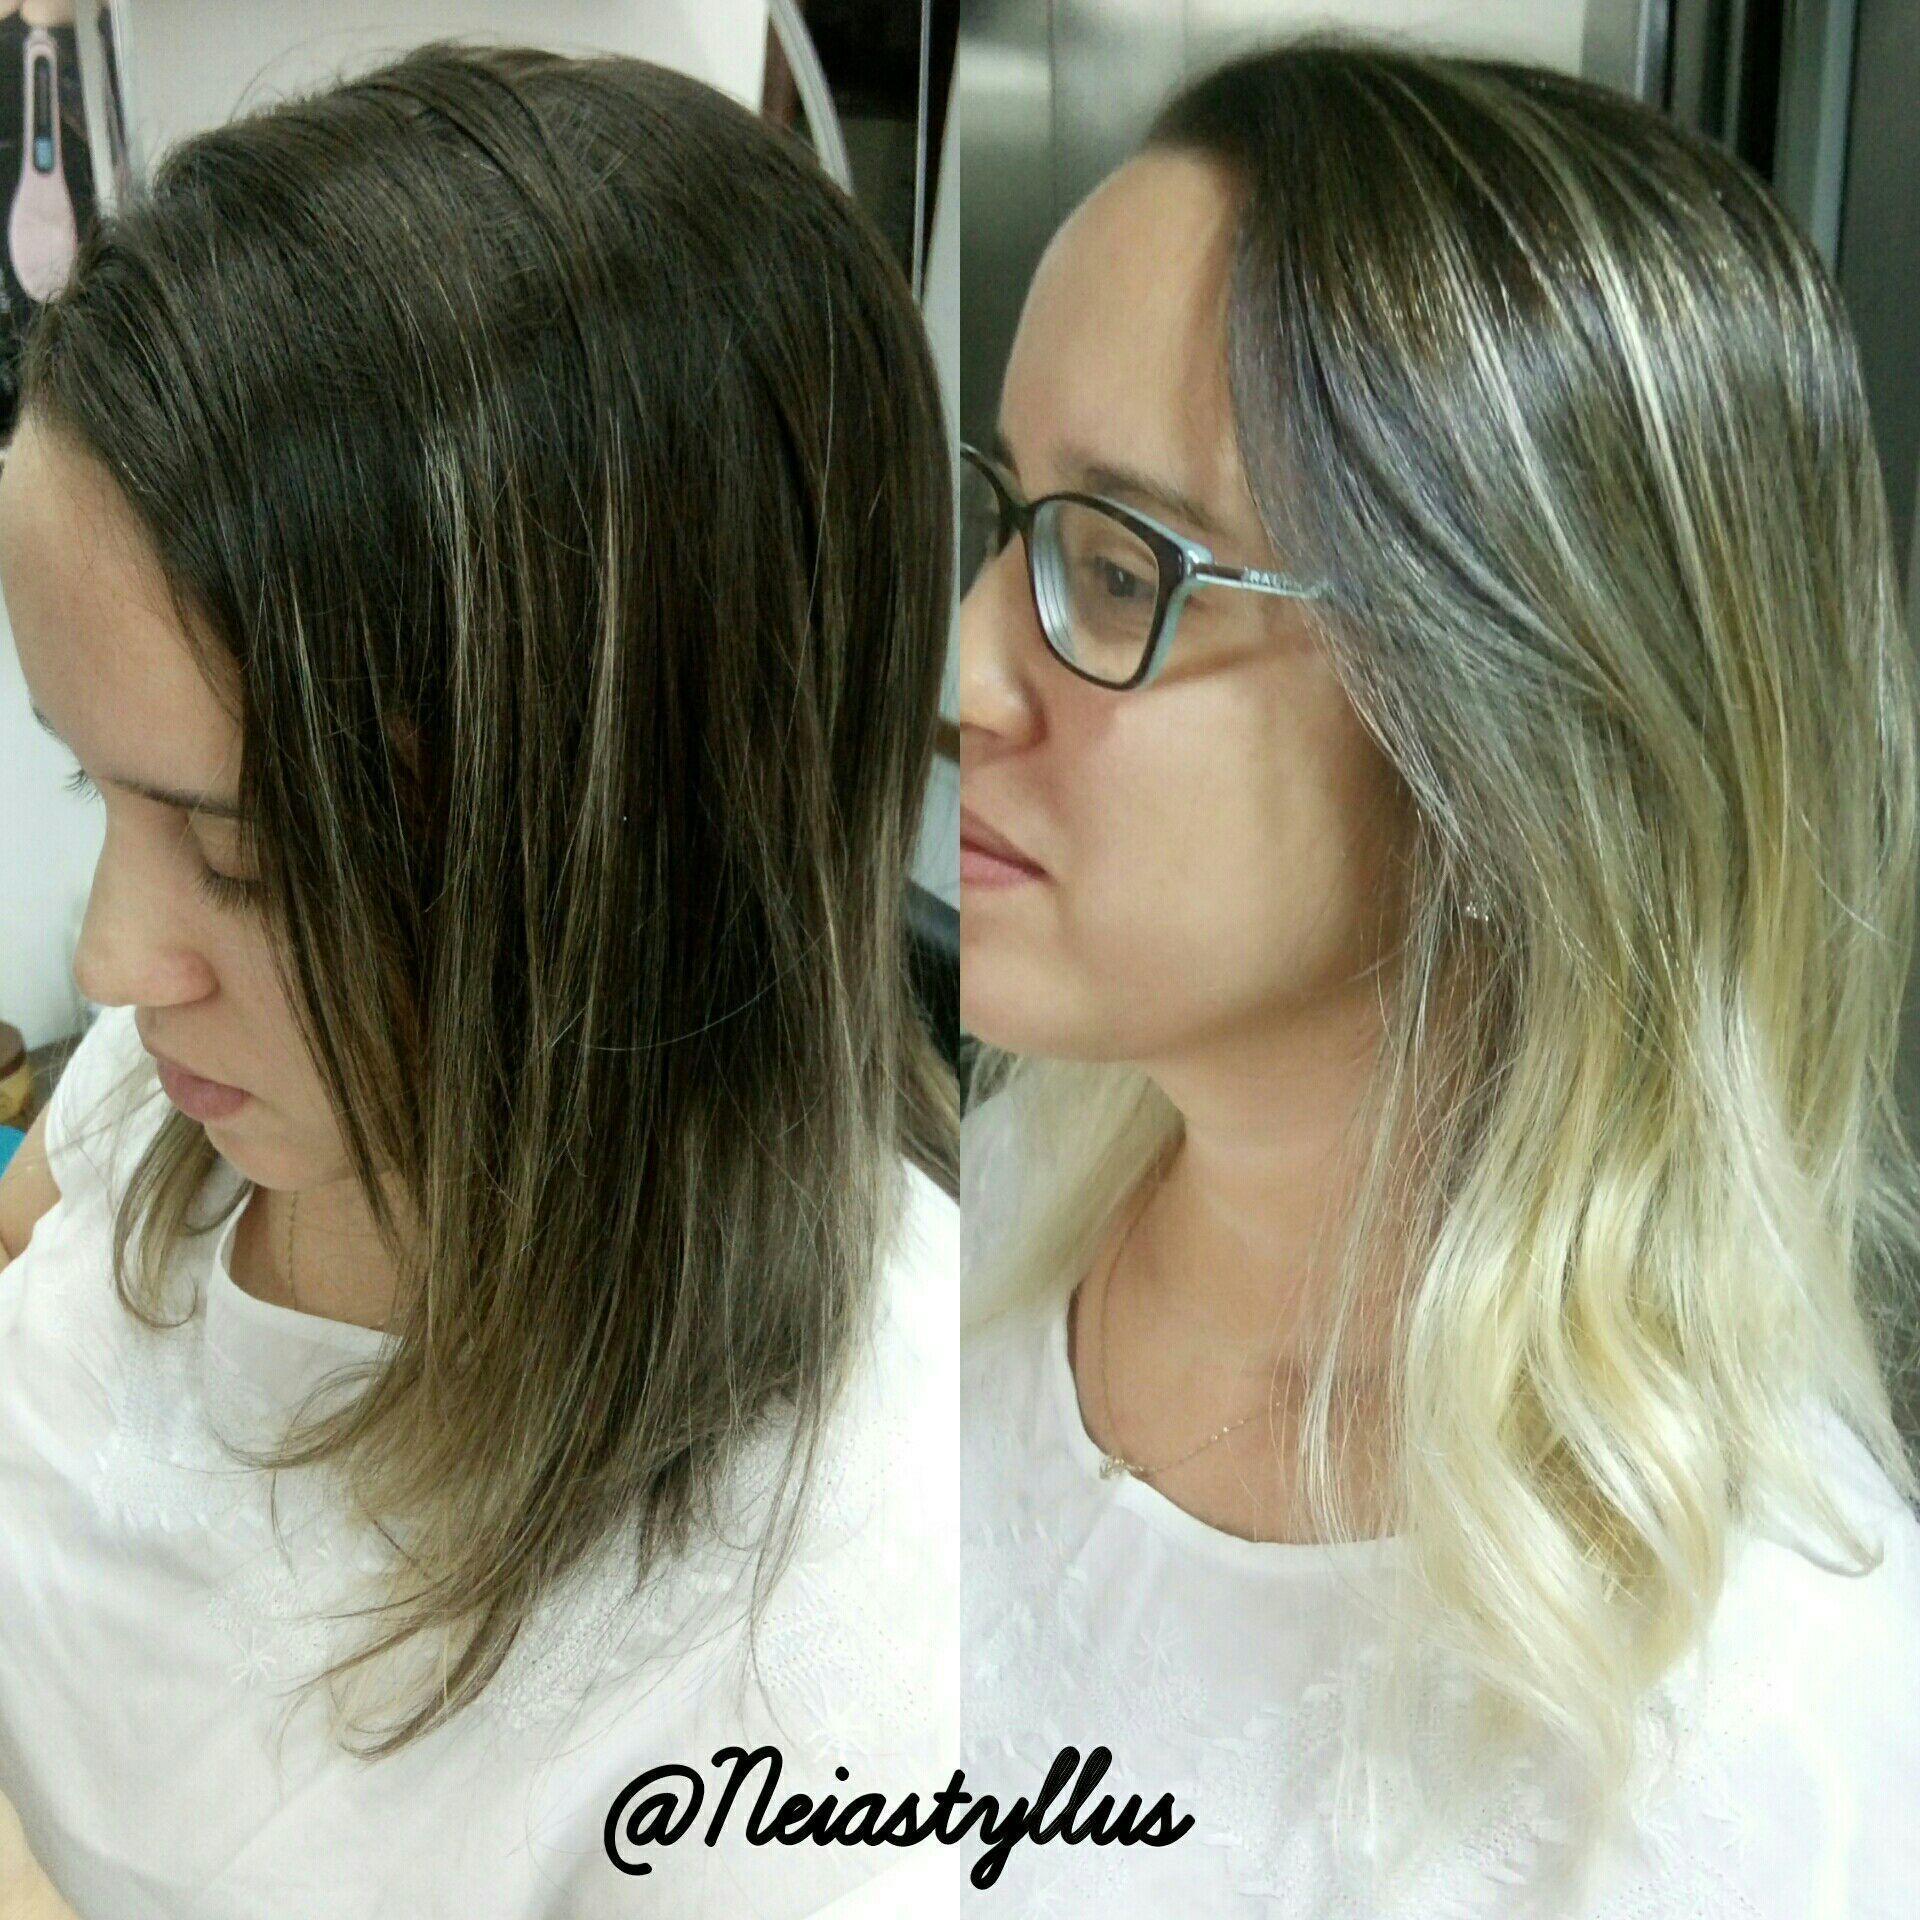 cabelo cabeleireiro(a) designer de sobrancelhas empresário(a) / dono de negócio escovista maquiador(a) stylist /visagista maquiador(a) maquiador(a)